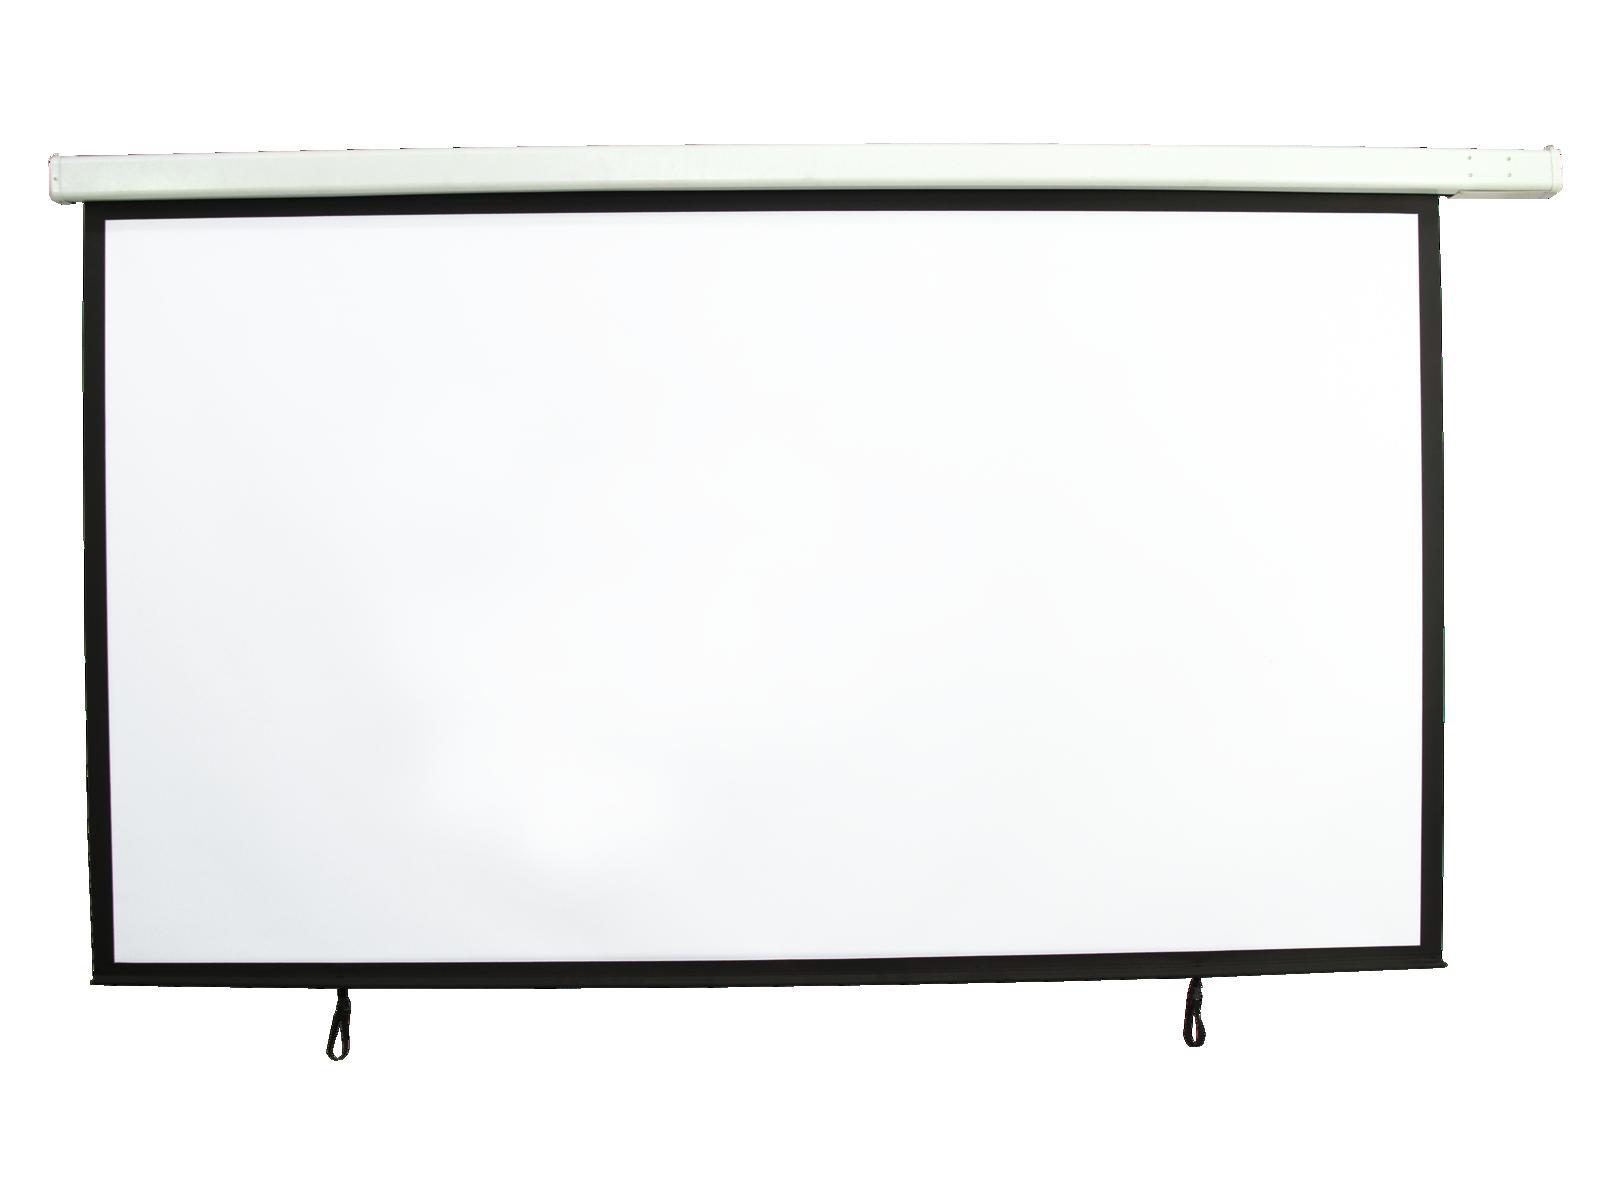 Projekční plátno s el. motorkem IR 16:9, 300 x 168 cm